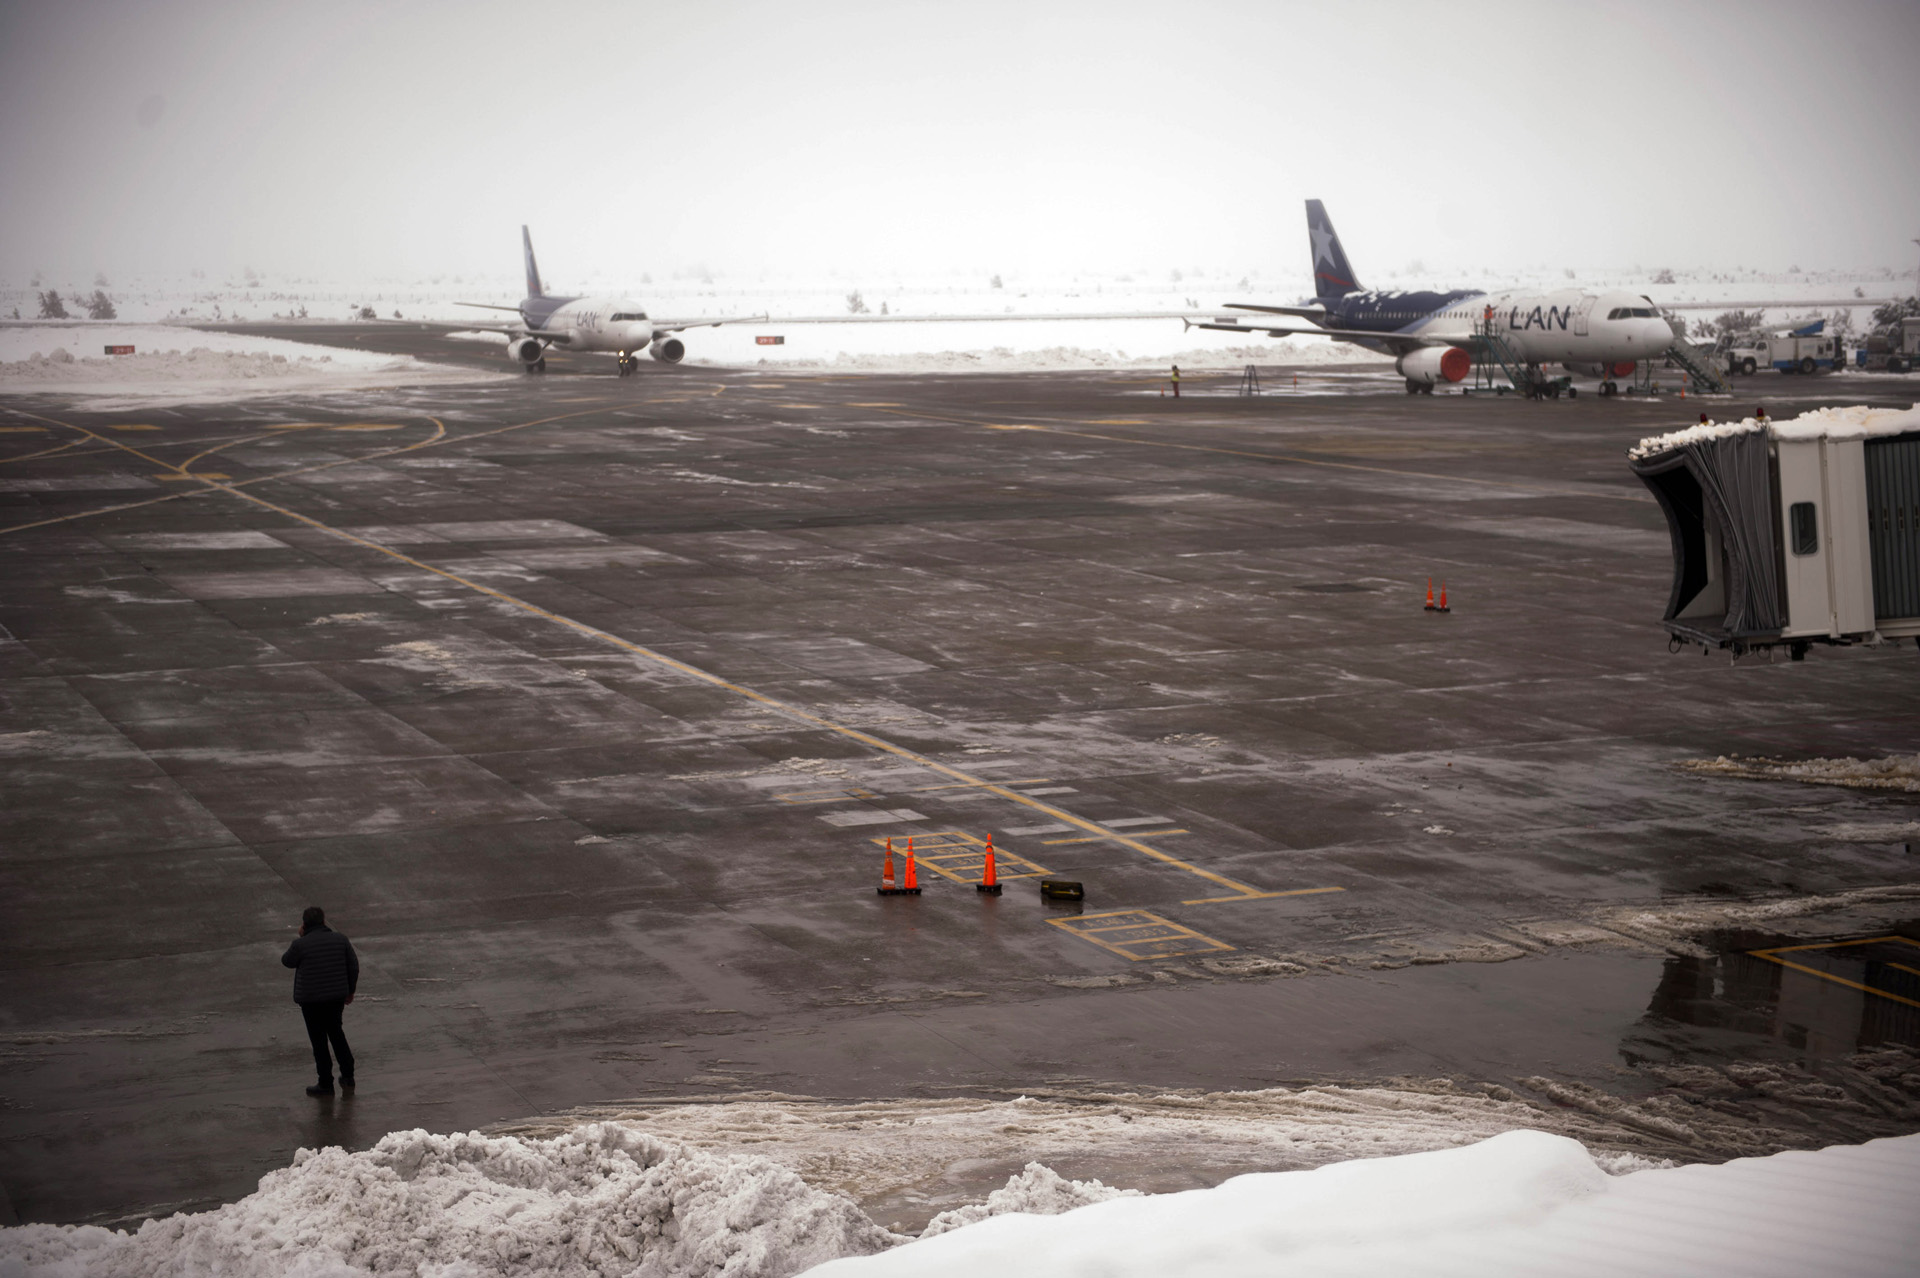 En el aeropuerto de Bariloche gran cantidad de pasajeros aguardan para poder regresar a sus lugares de destino